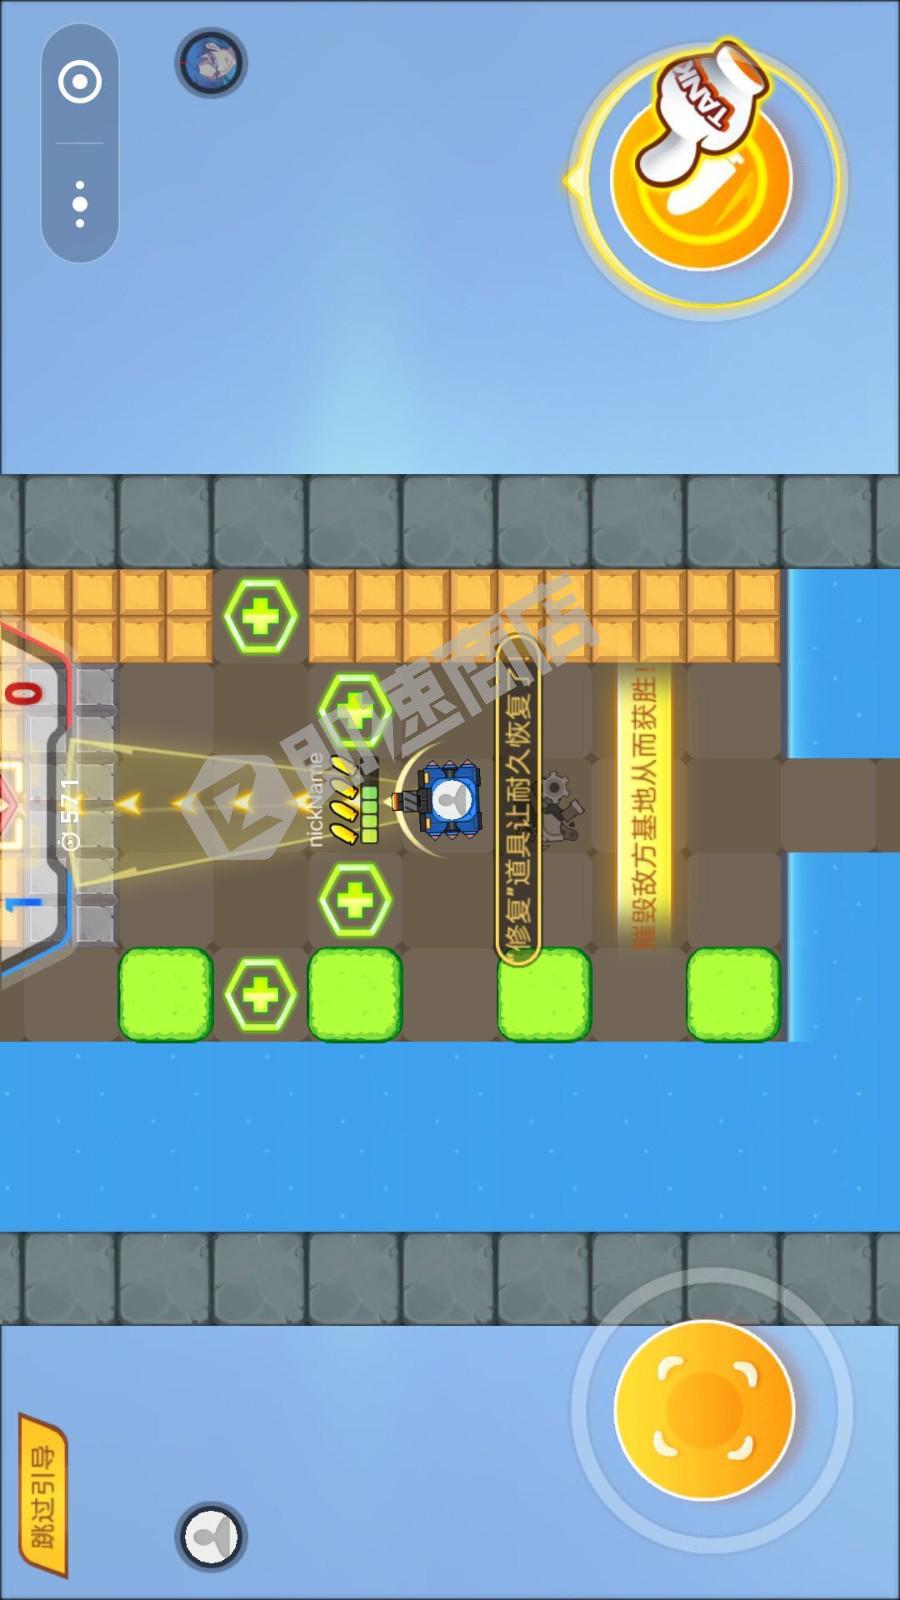 欢乐坦克大战小程序详情页截图